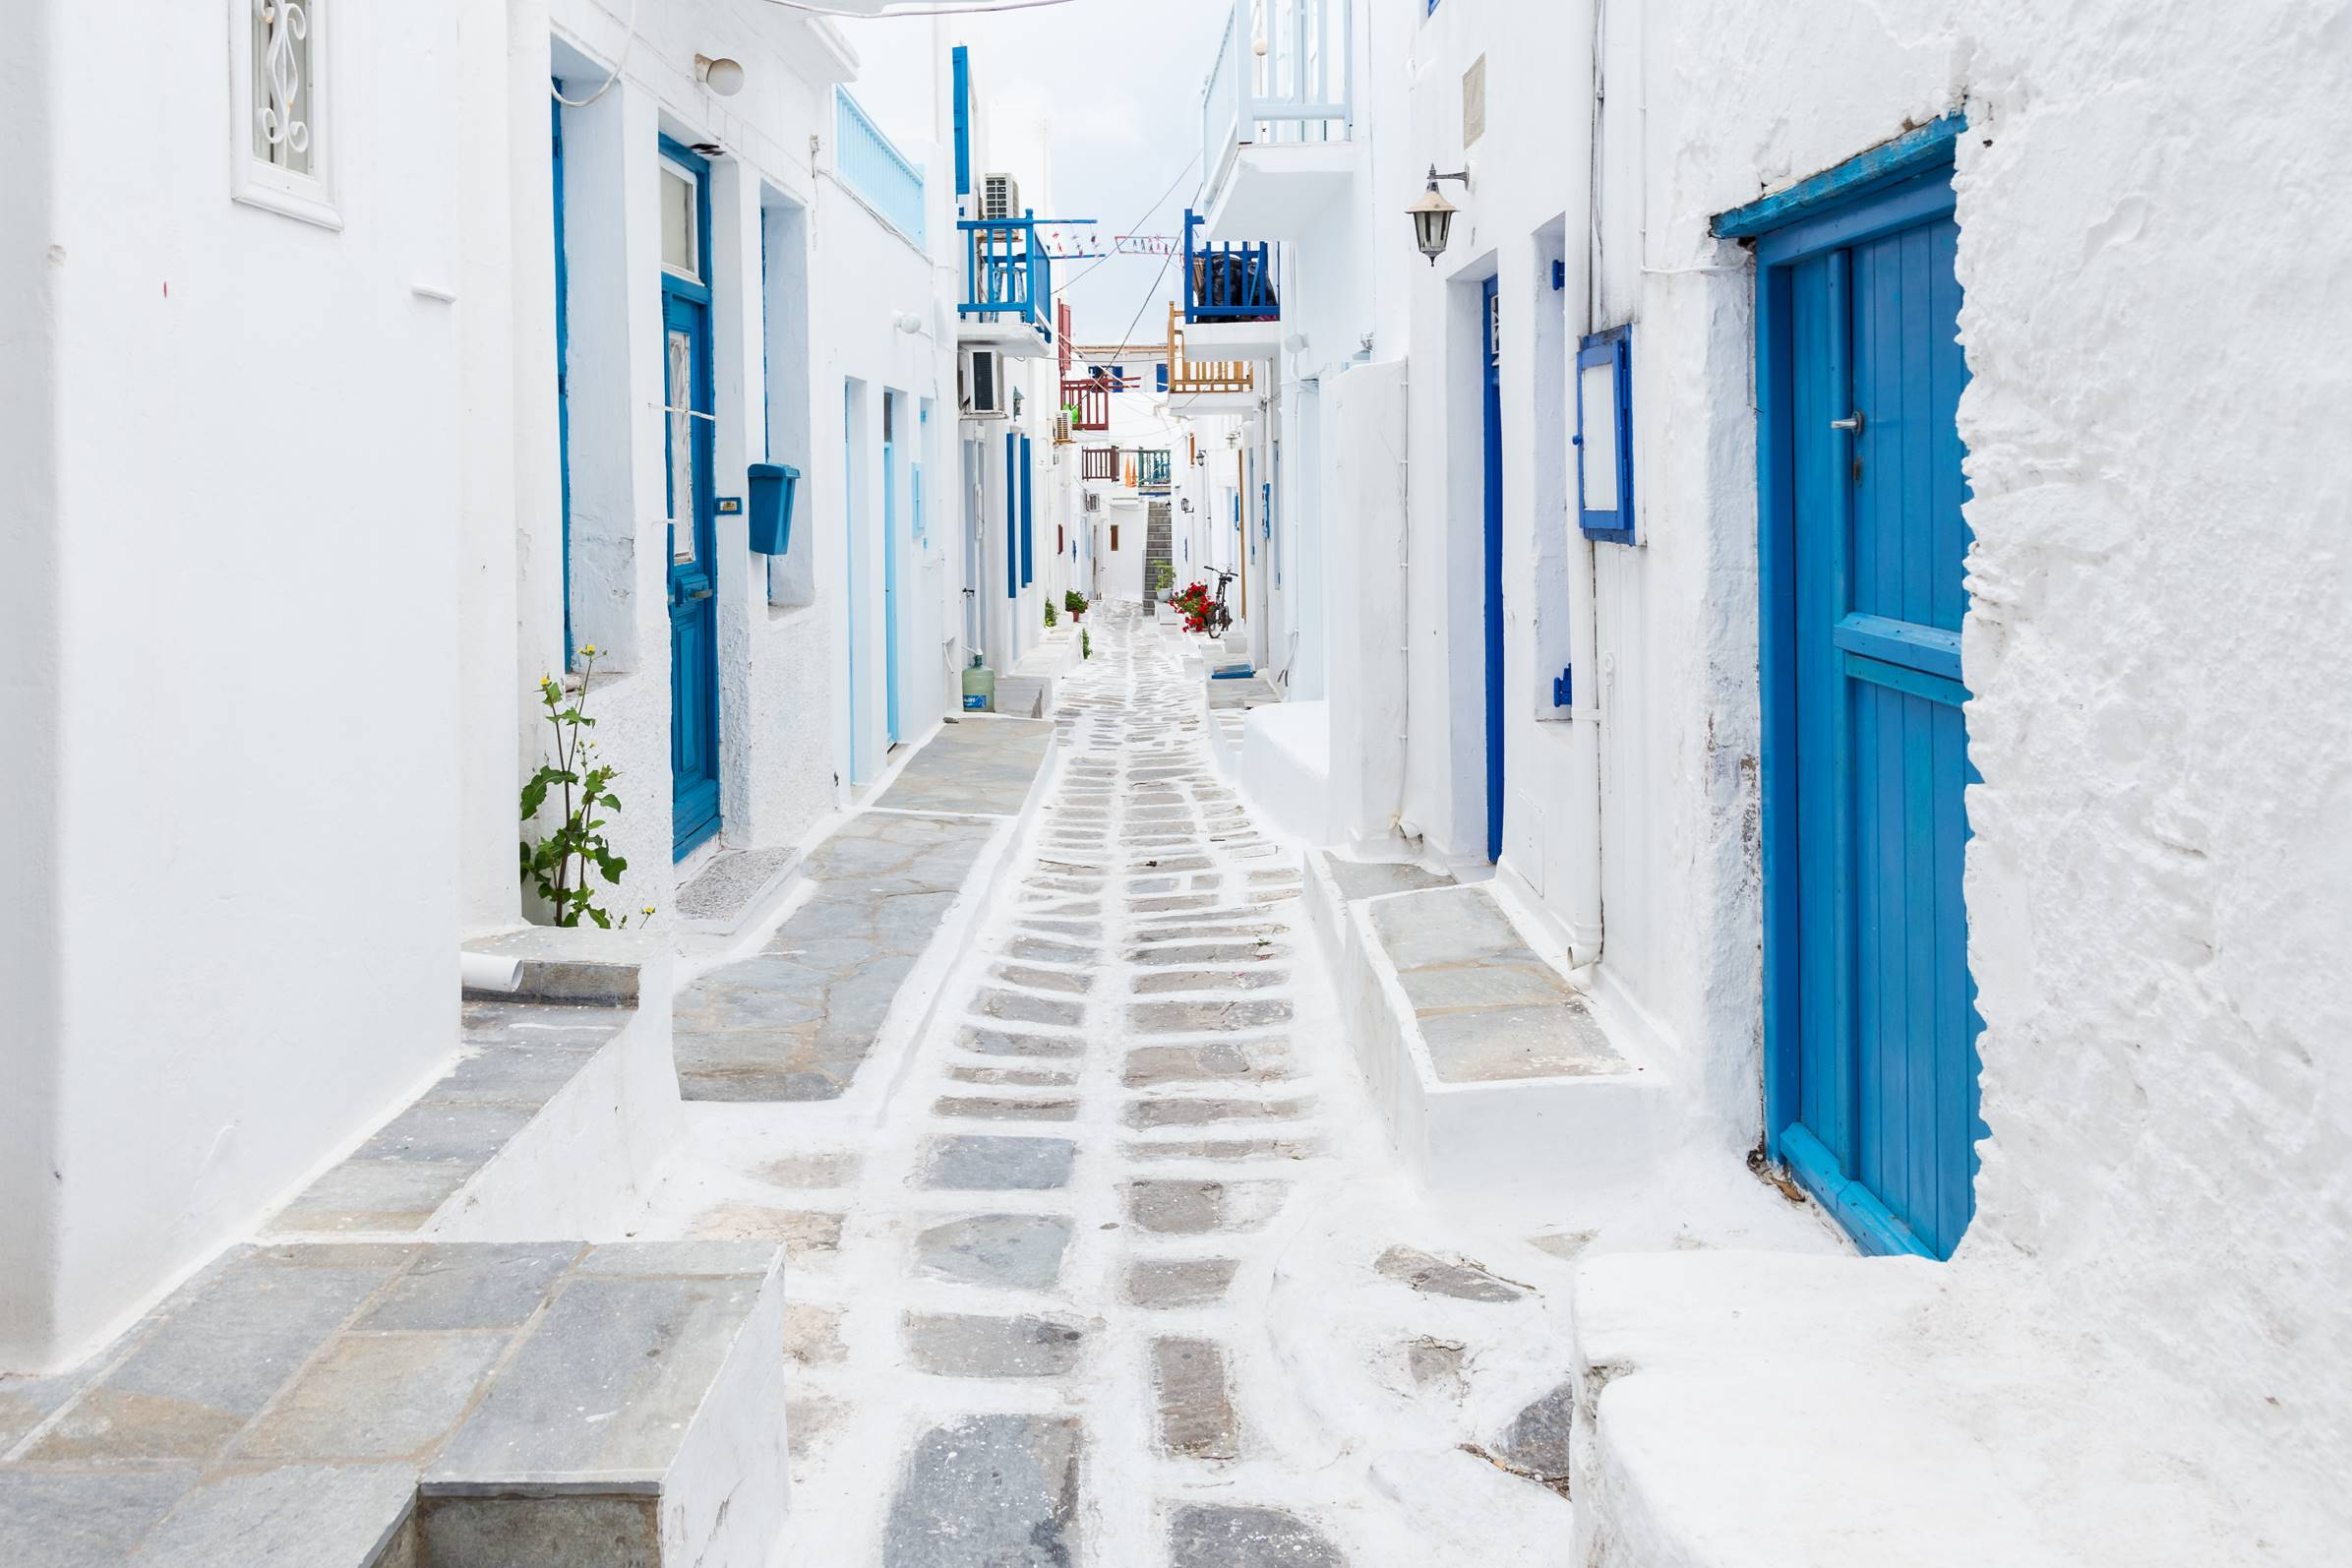 Cosa fare a Mykonos per un week end? Segnatevi questa local guide in agenda!